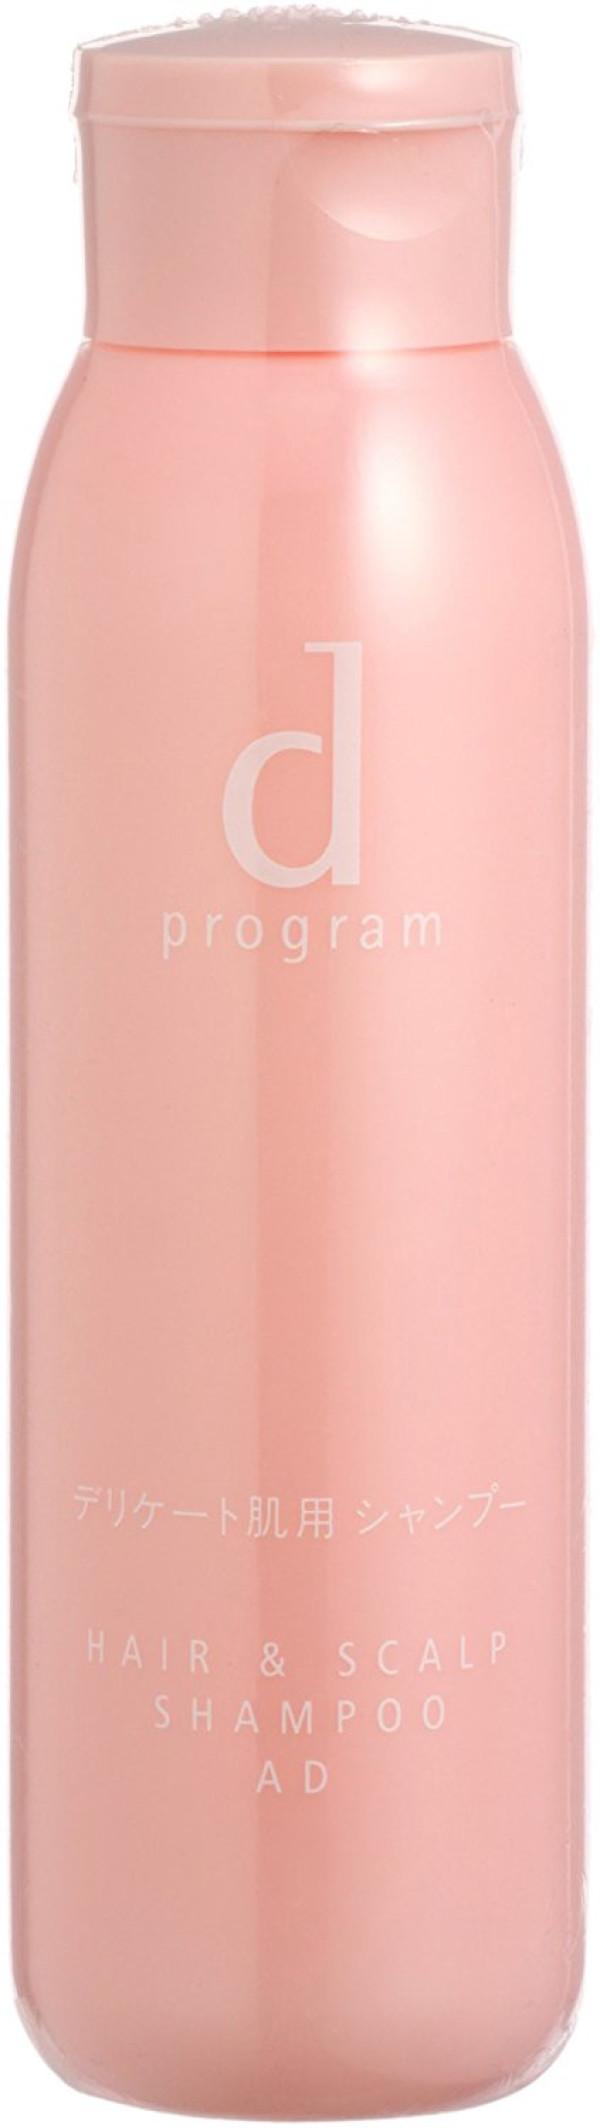 Гипоалергенный шампунь Shiseido D Program Hair & Scalp Shampoo AD